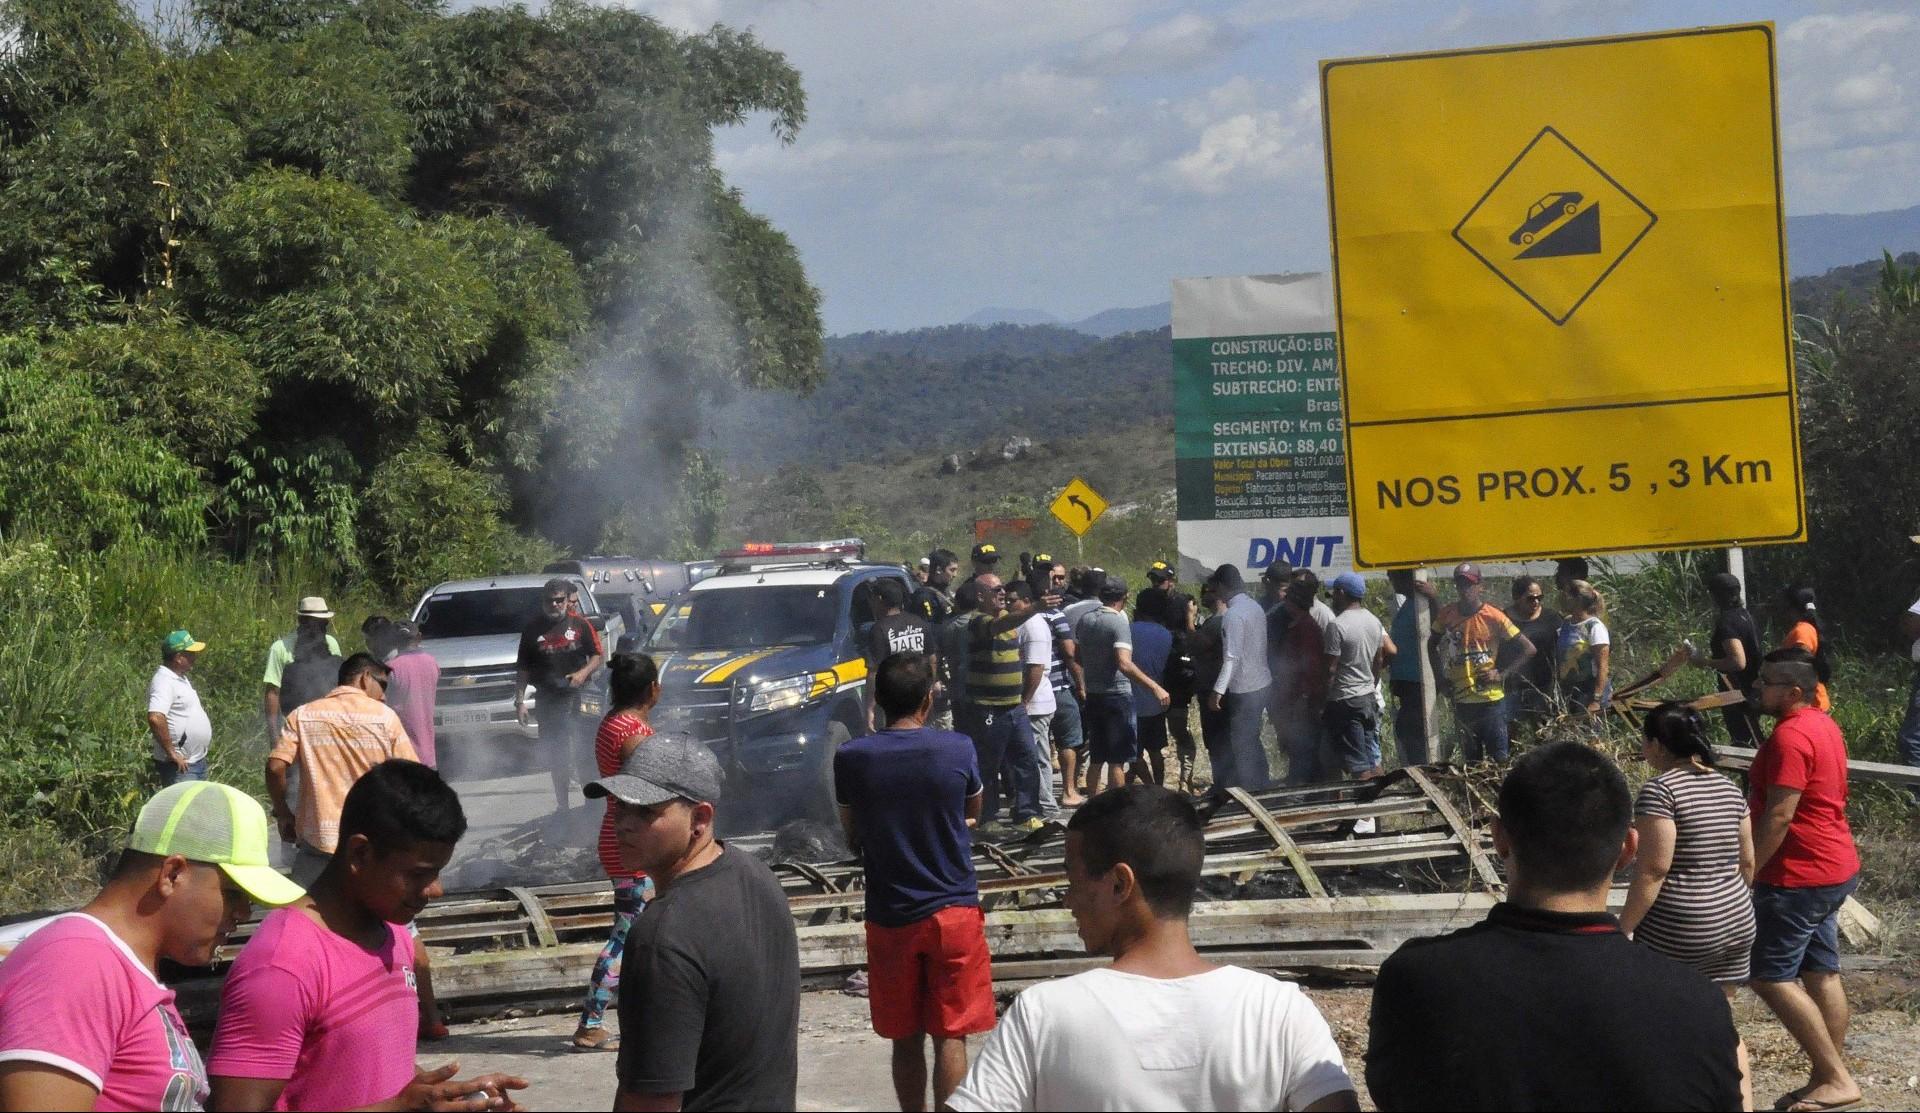 La tensión entre venezolanos y brasileños ha aumentado hasta llegar a episodios de violencia (EFE)